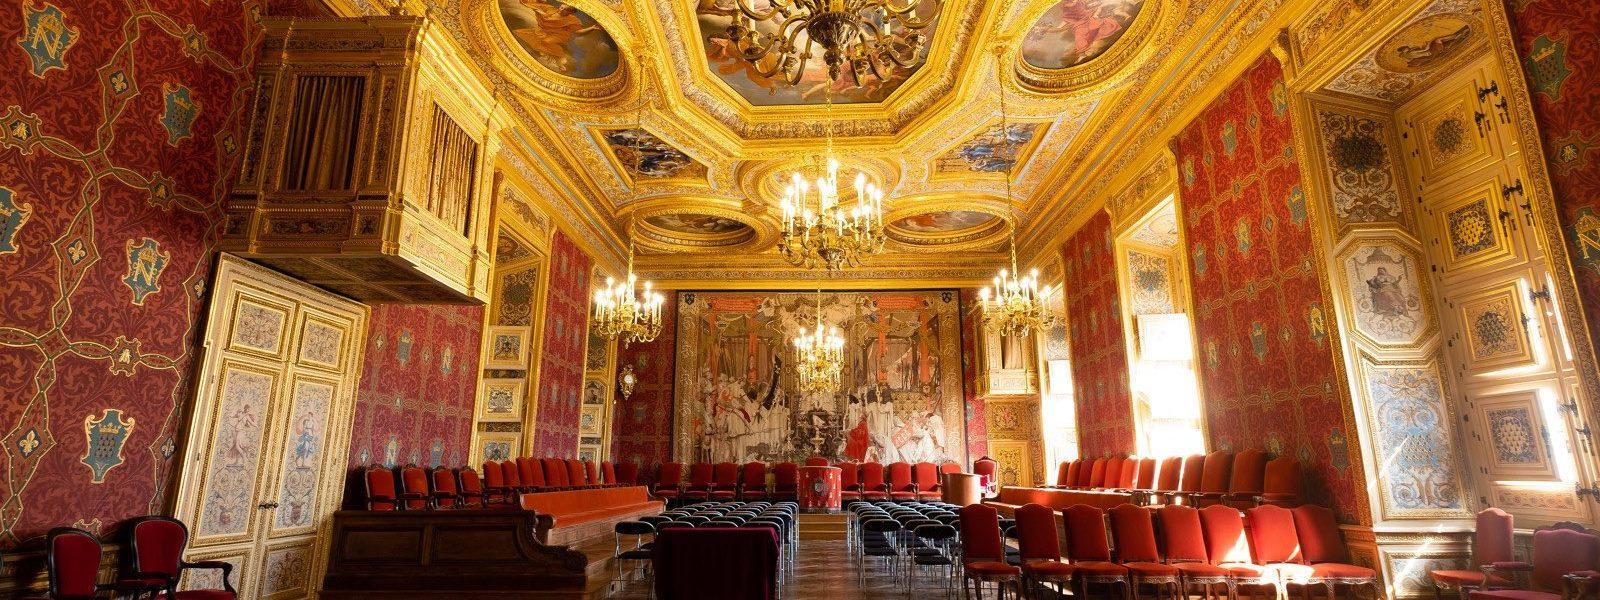 Palais-parlement-bretagne